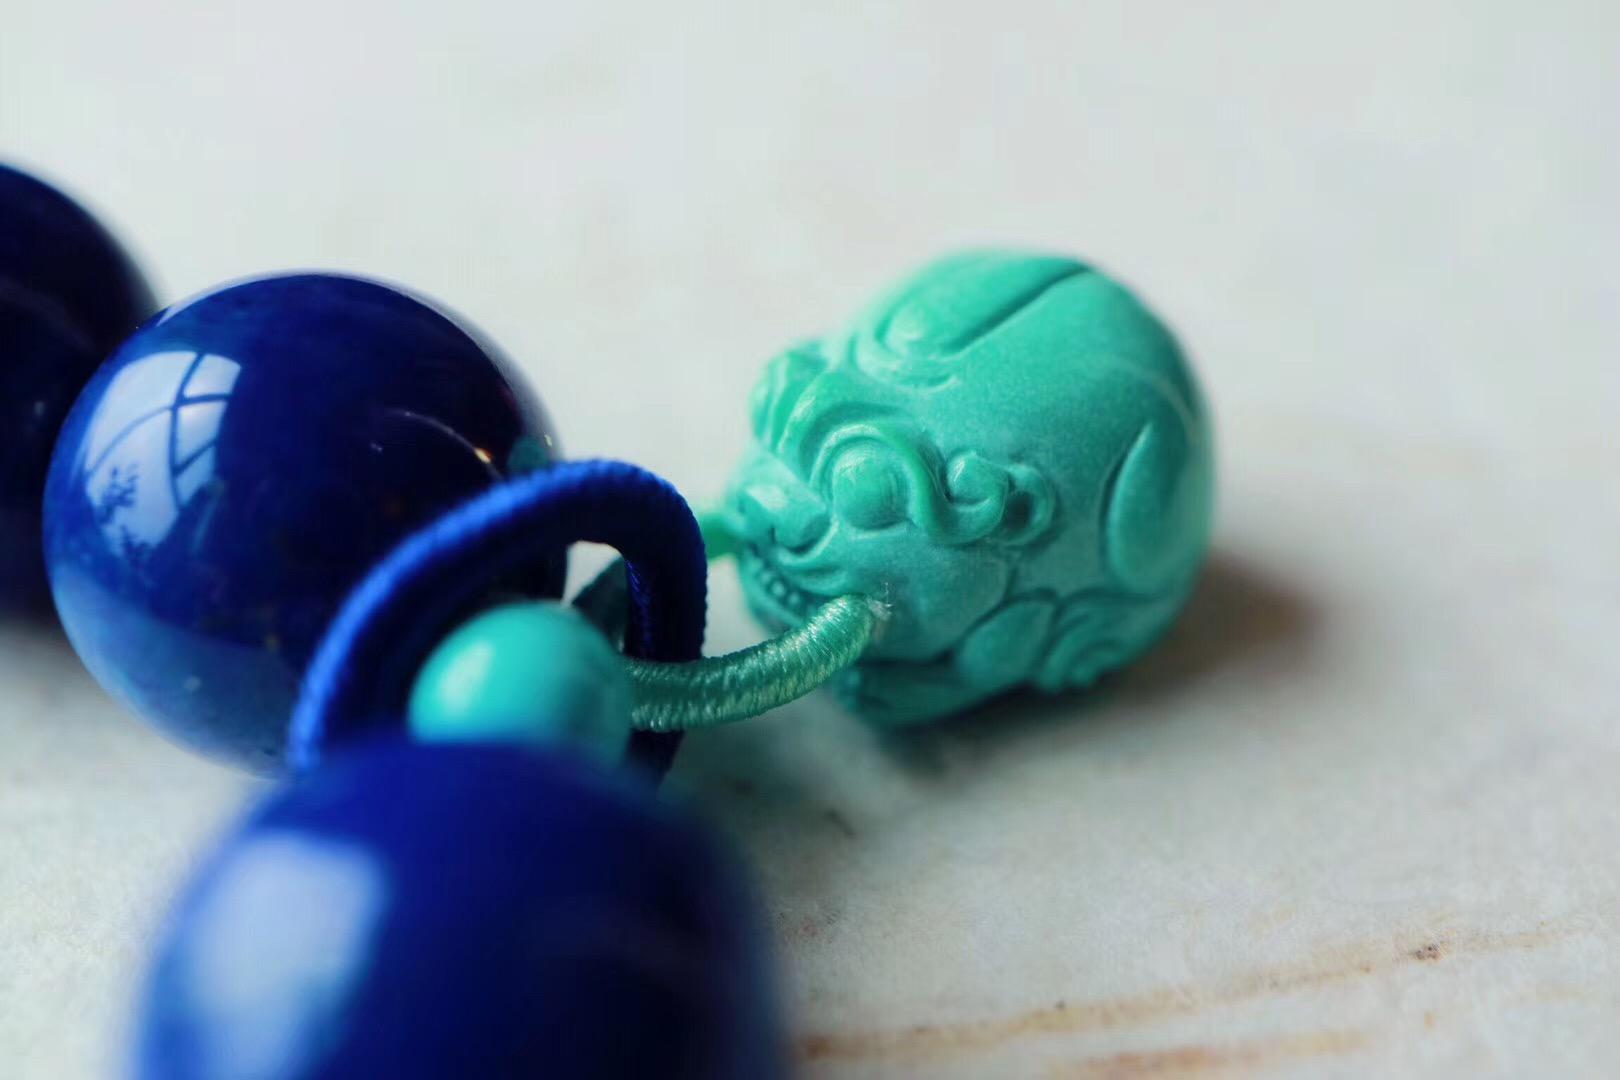 【菩心 | 老矿青金石】青金石的高等级多宝,有助于稳定情绪-菩心晶舍